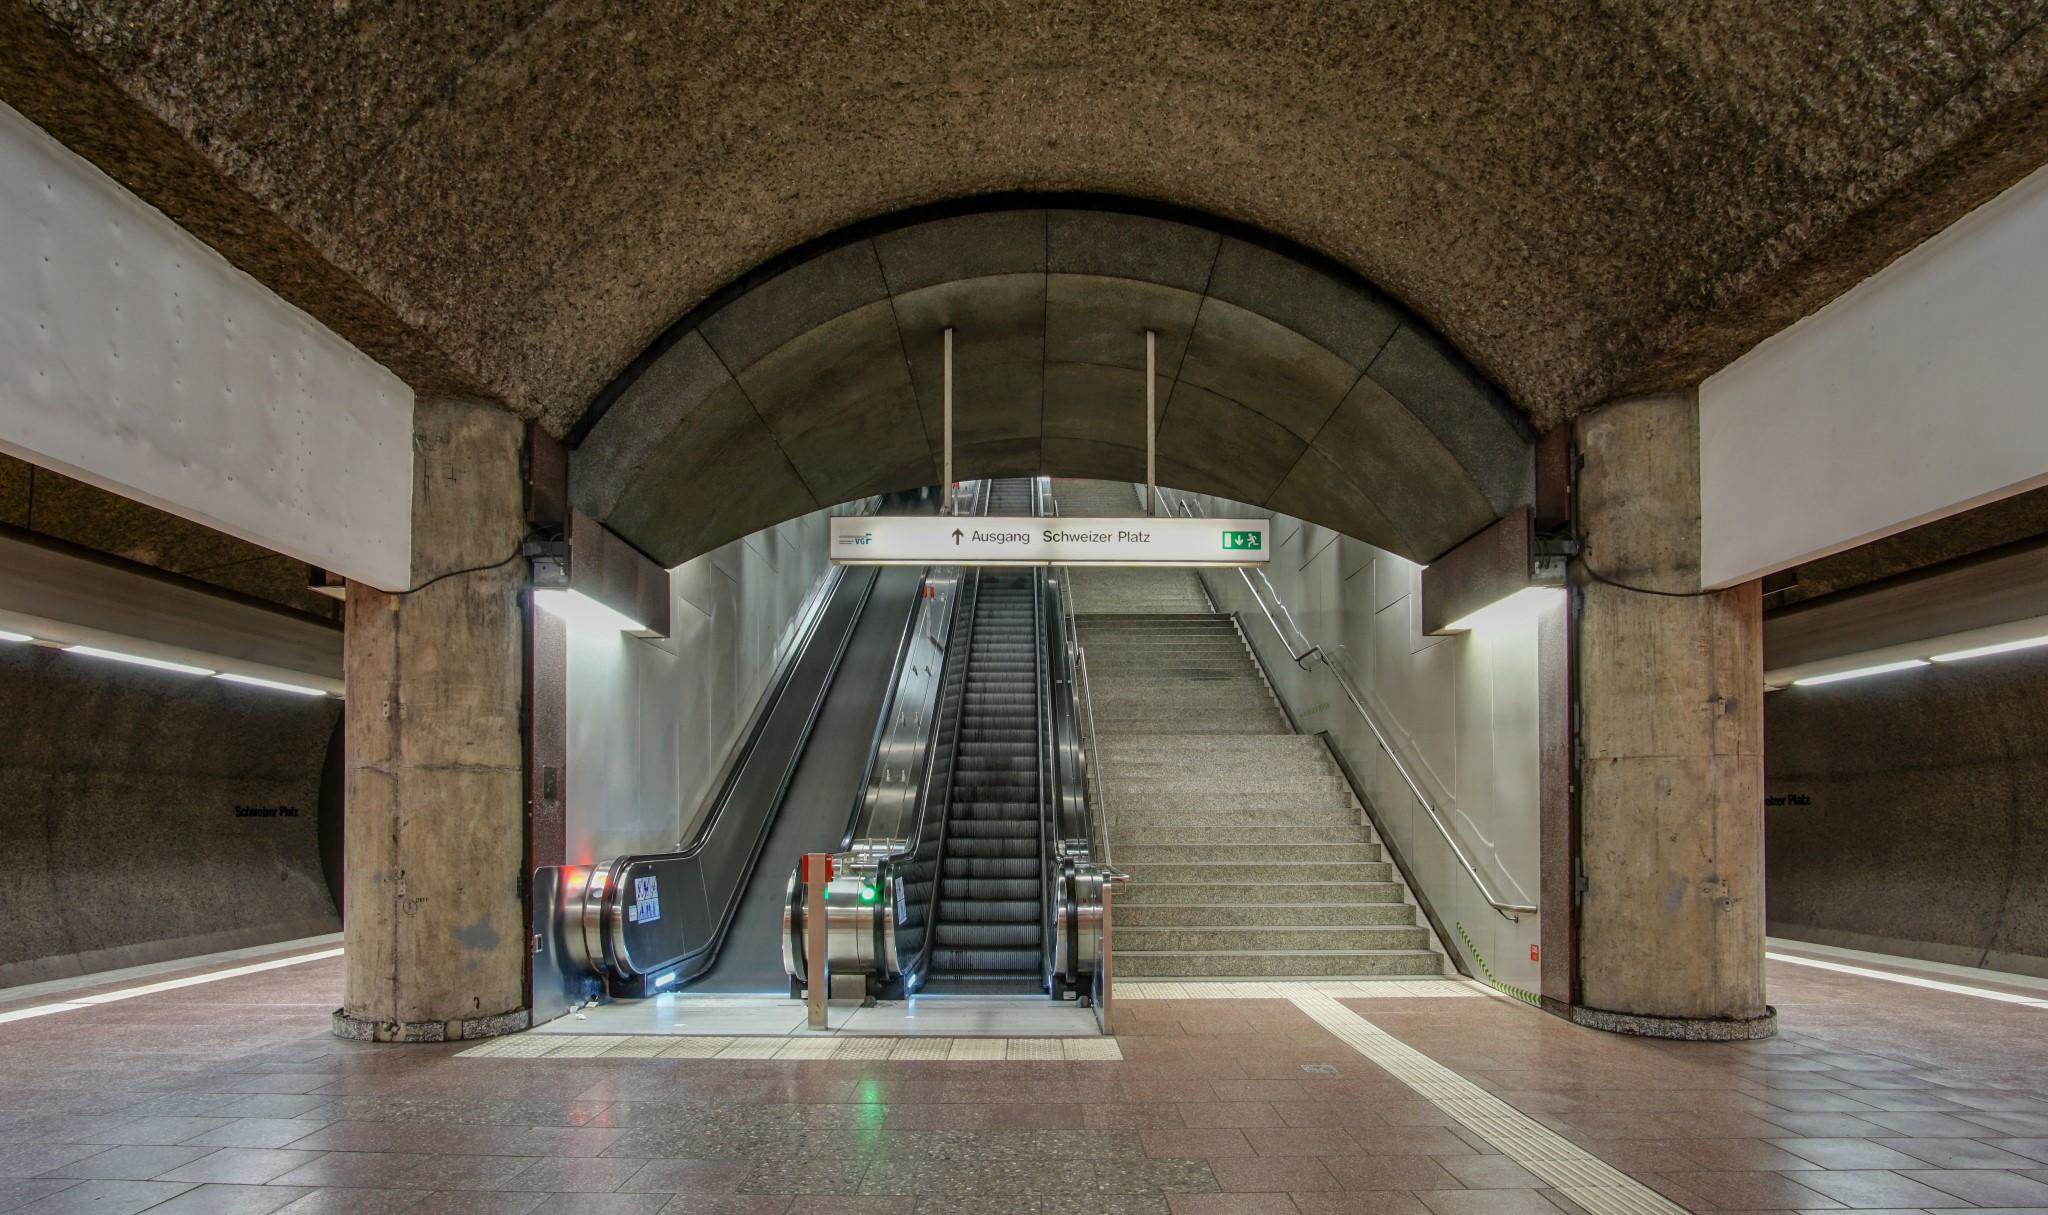 Ubahn Station Schweizer Platz